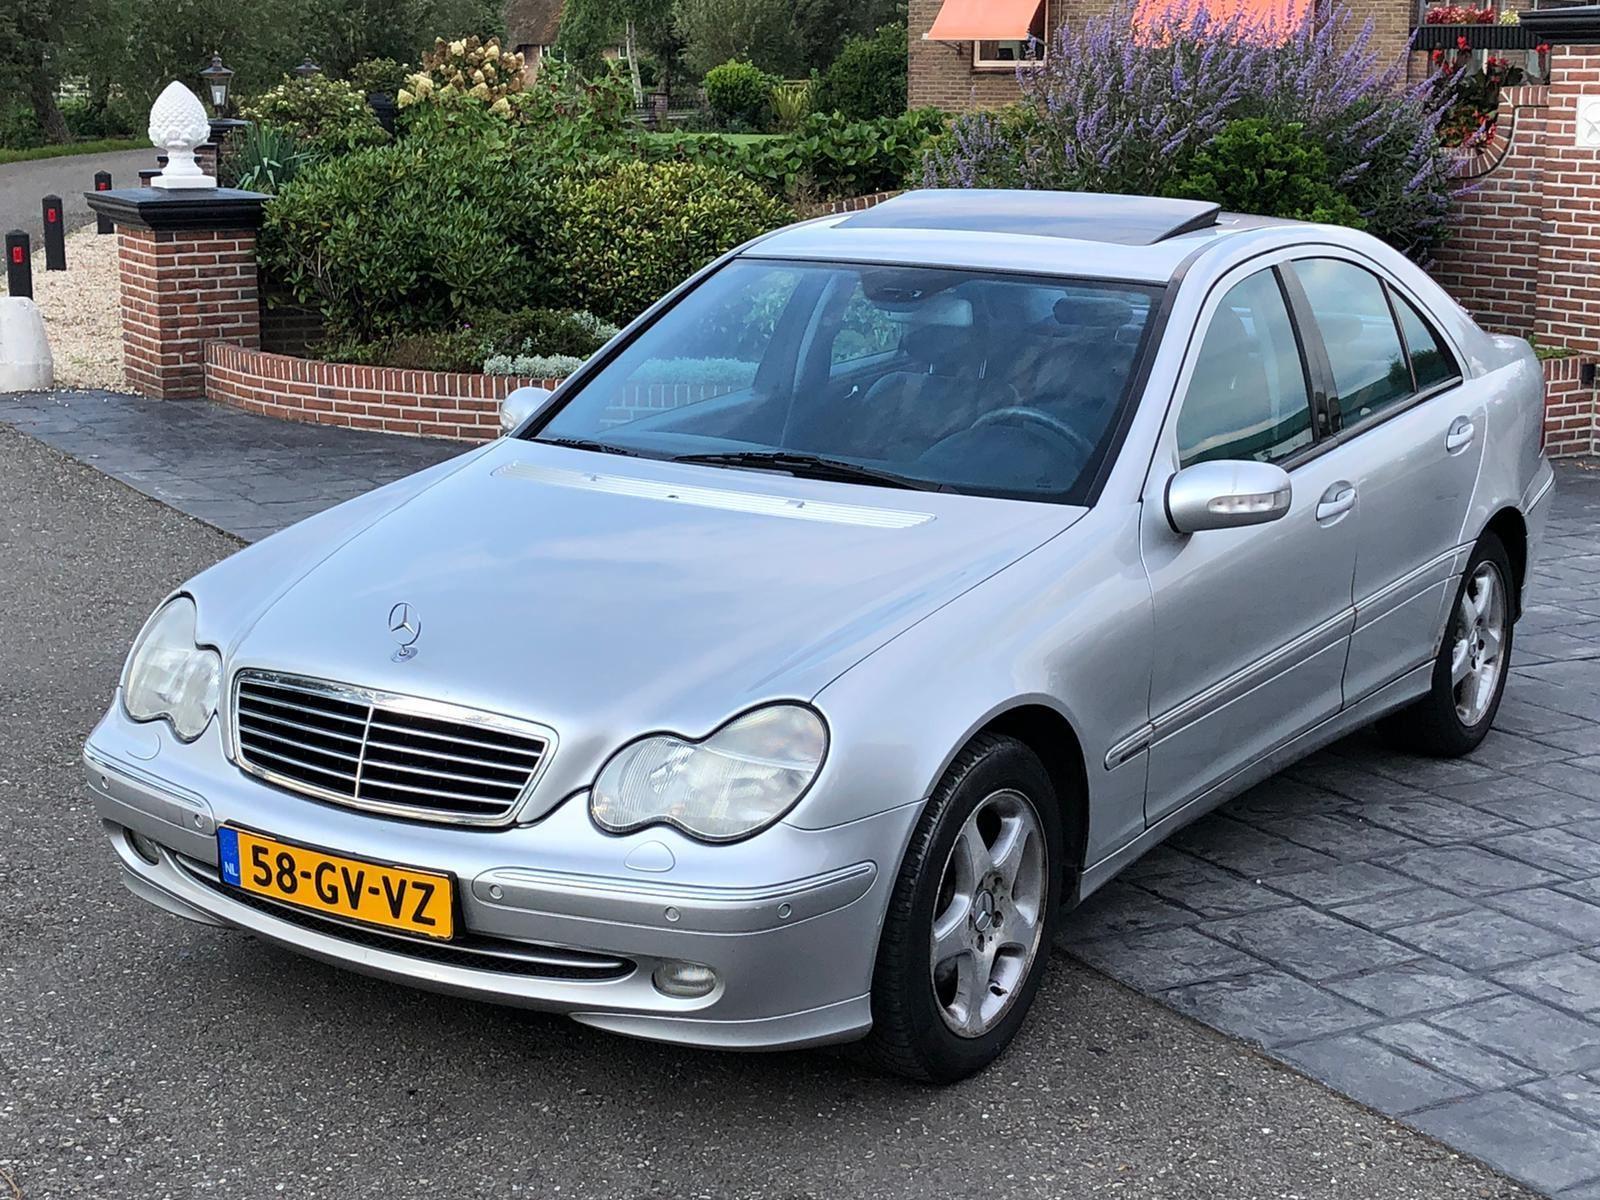 Mercedes-Benz C-klasse occasion - Autobedrijf Oudewater